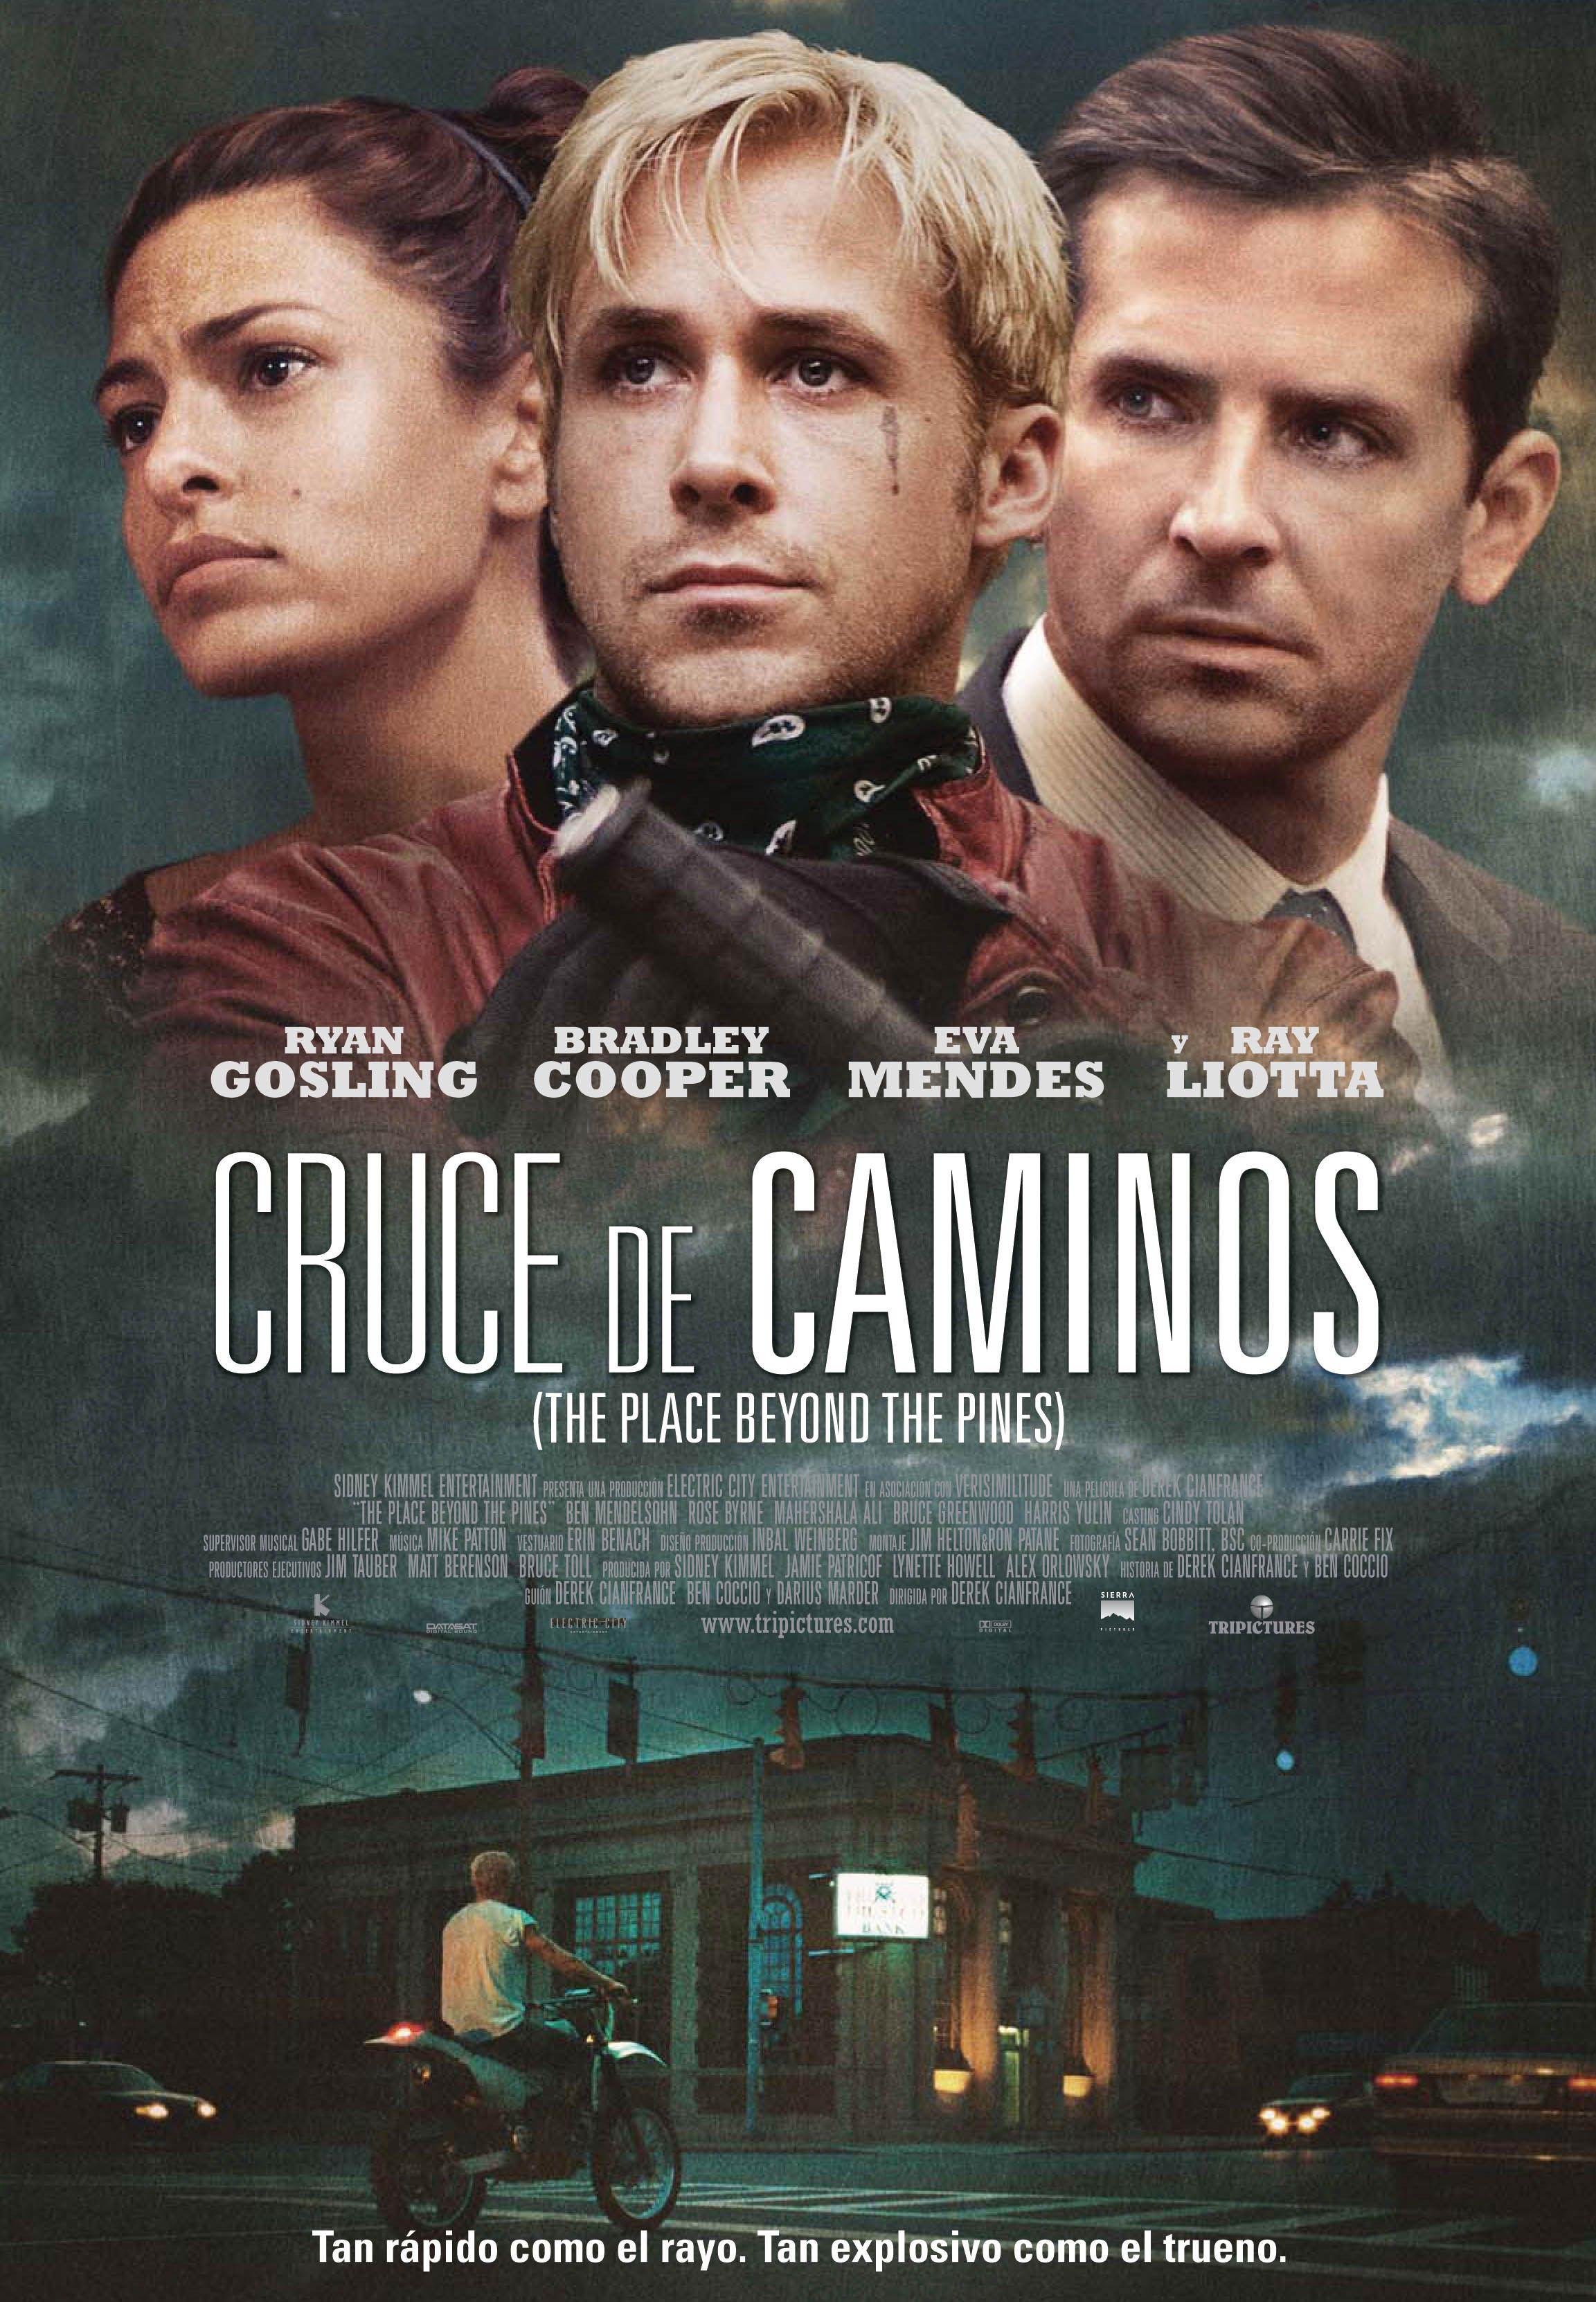 Cruce De Caminos Peliculas Cine Peliculas Peliculas En Linea Gratis